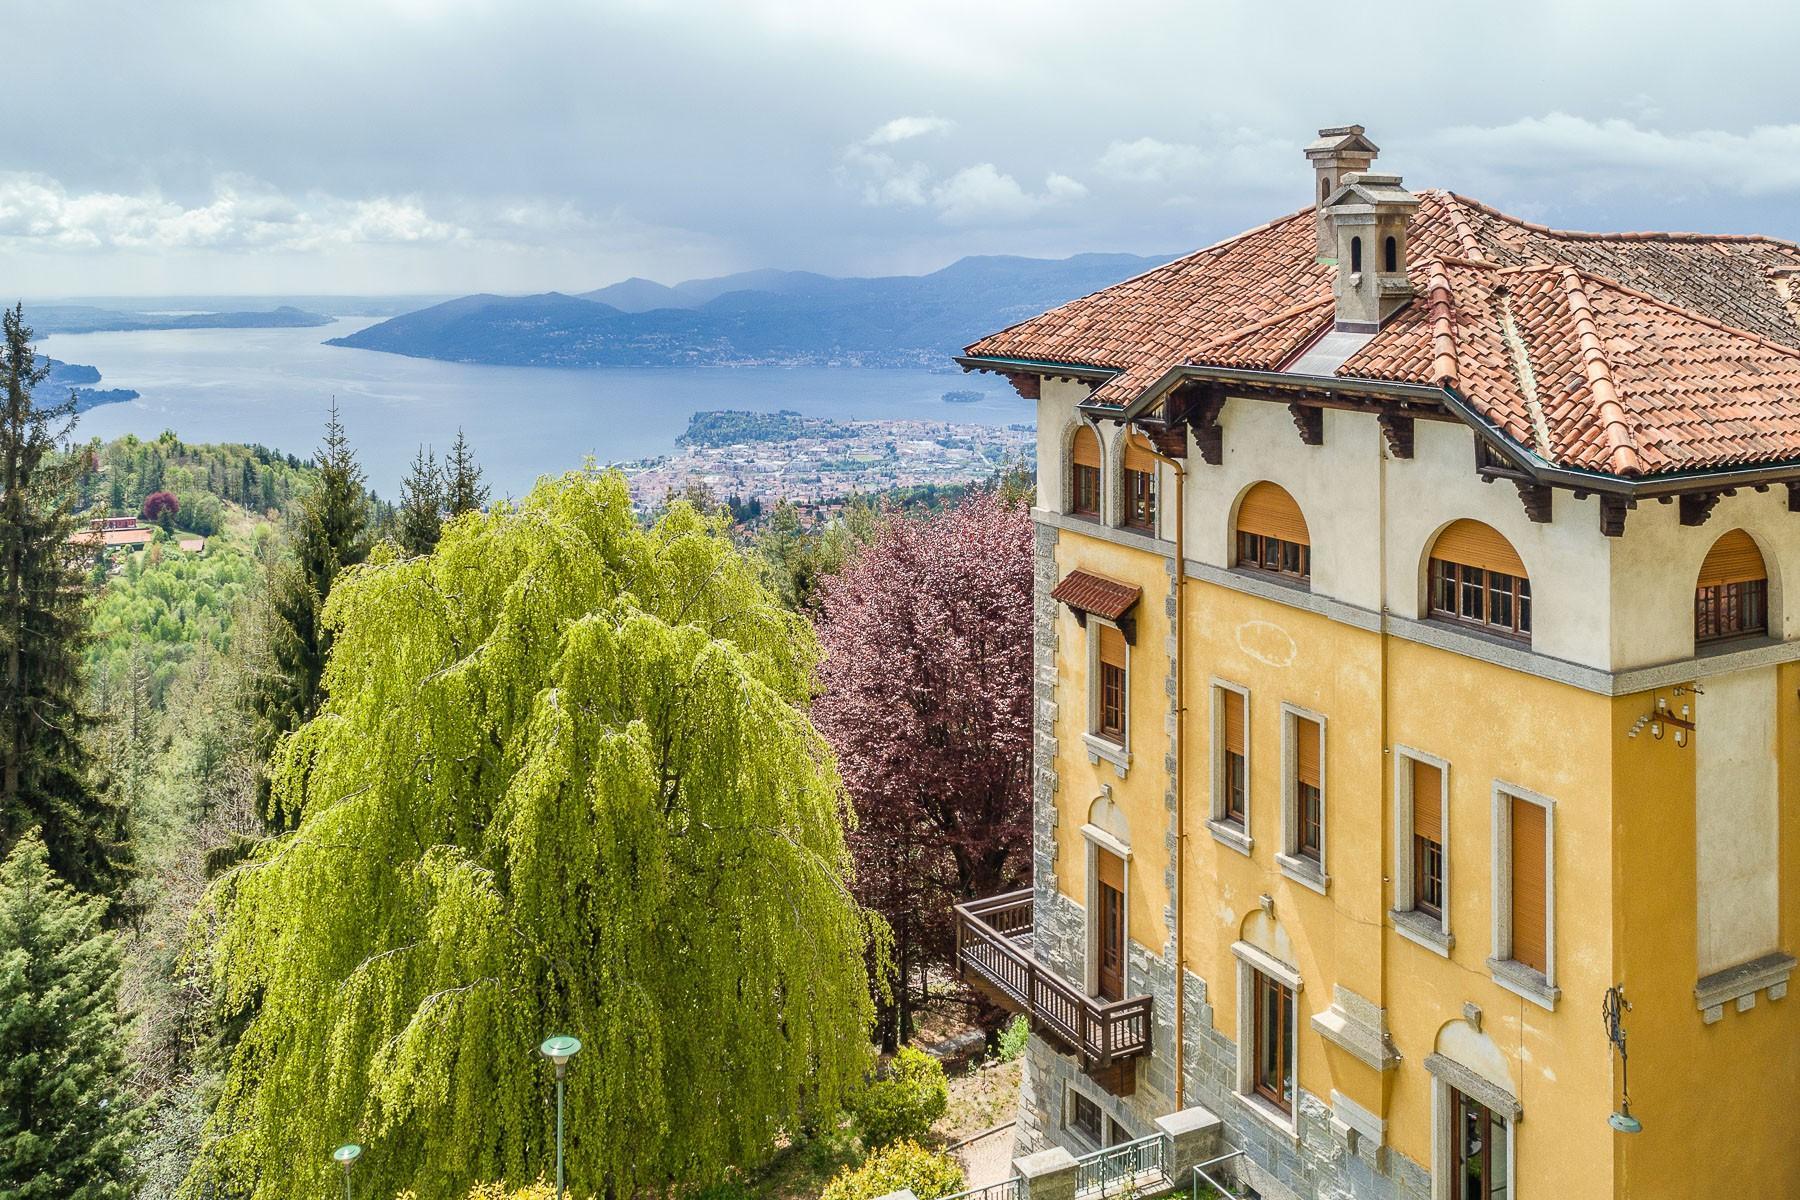 Villa historique dans un parc centenaire sur lac Majeur - 4